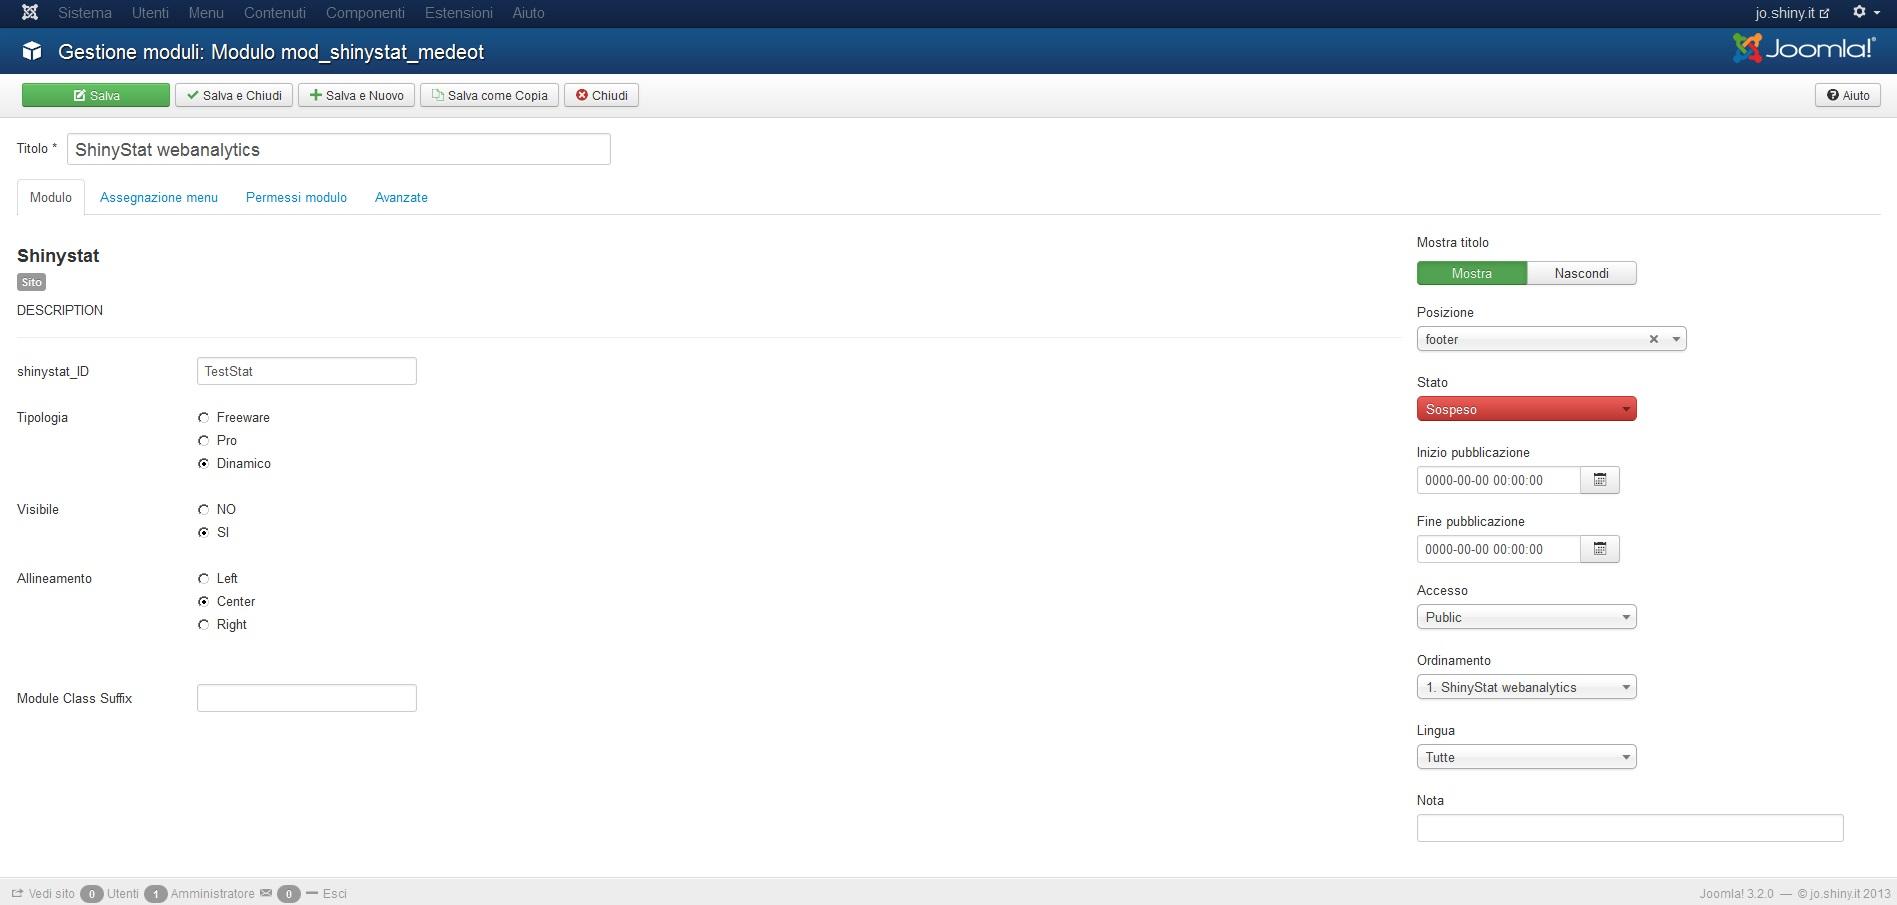 Installare il plugin di ShinyStat per la versione 3.x di Joomla (3.0 o superiore) - Passo 6